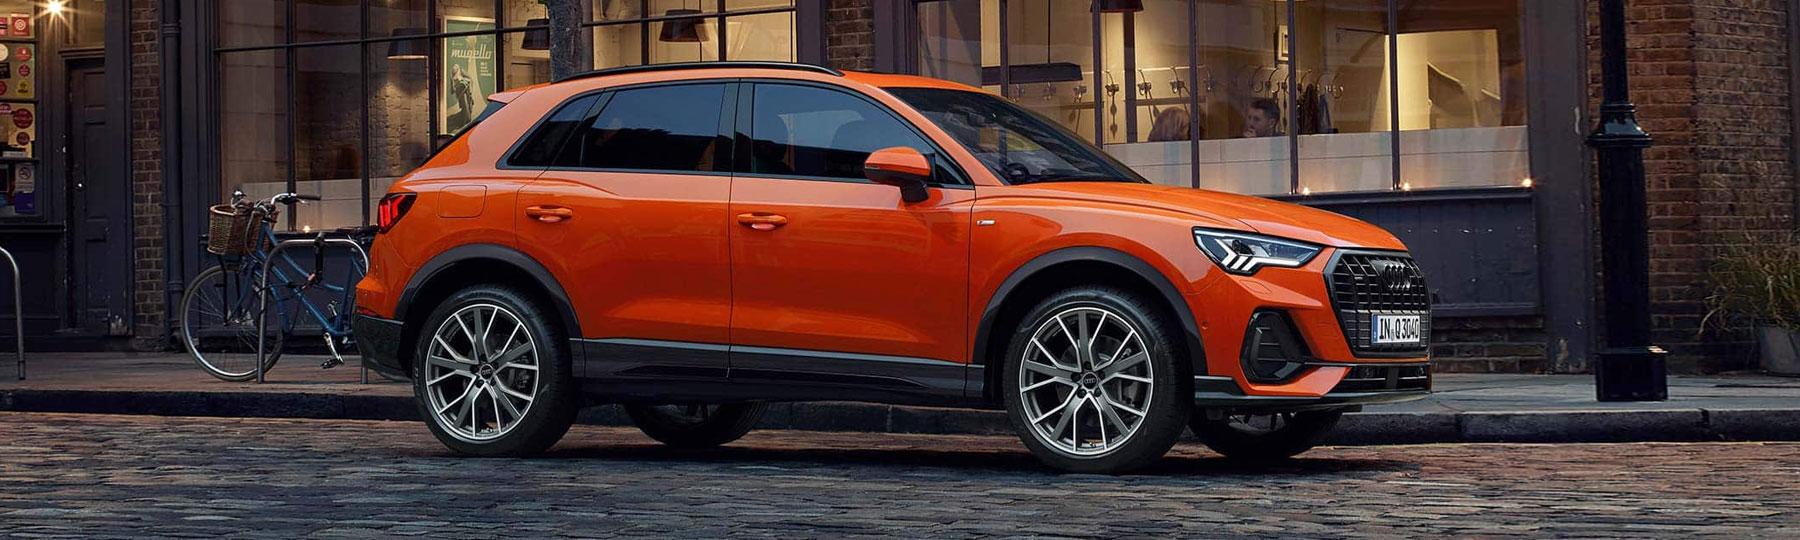 Audi Q3 New Car Offer